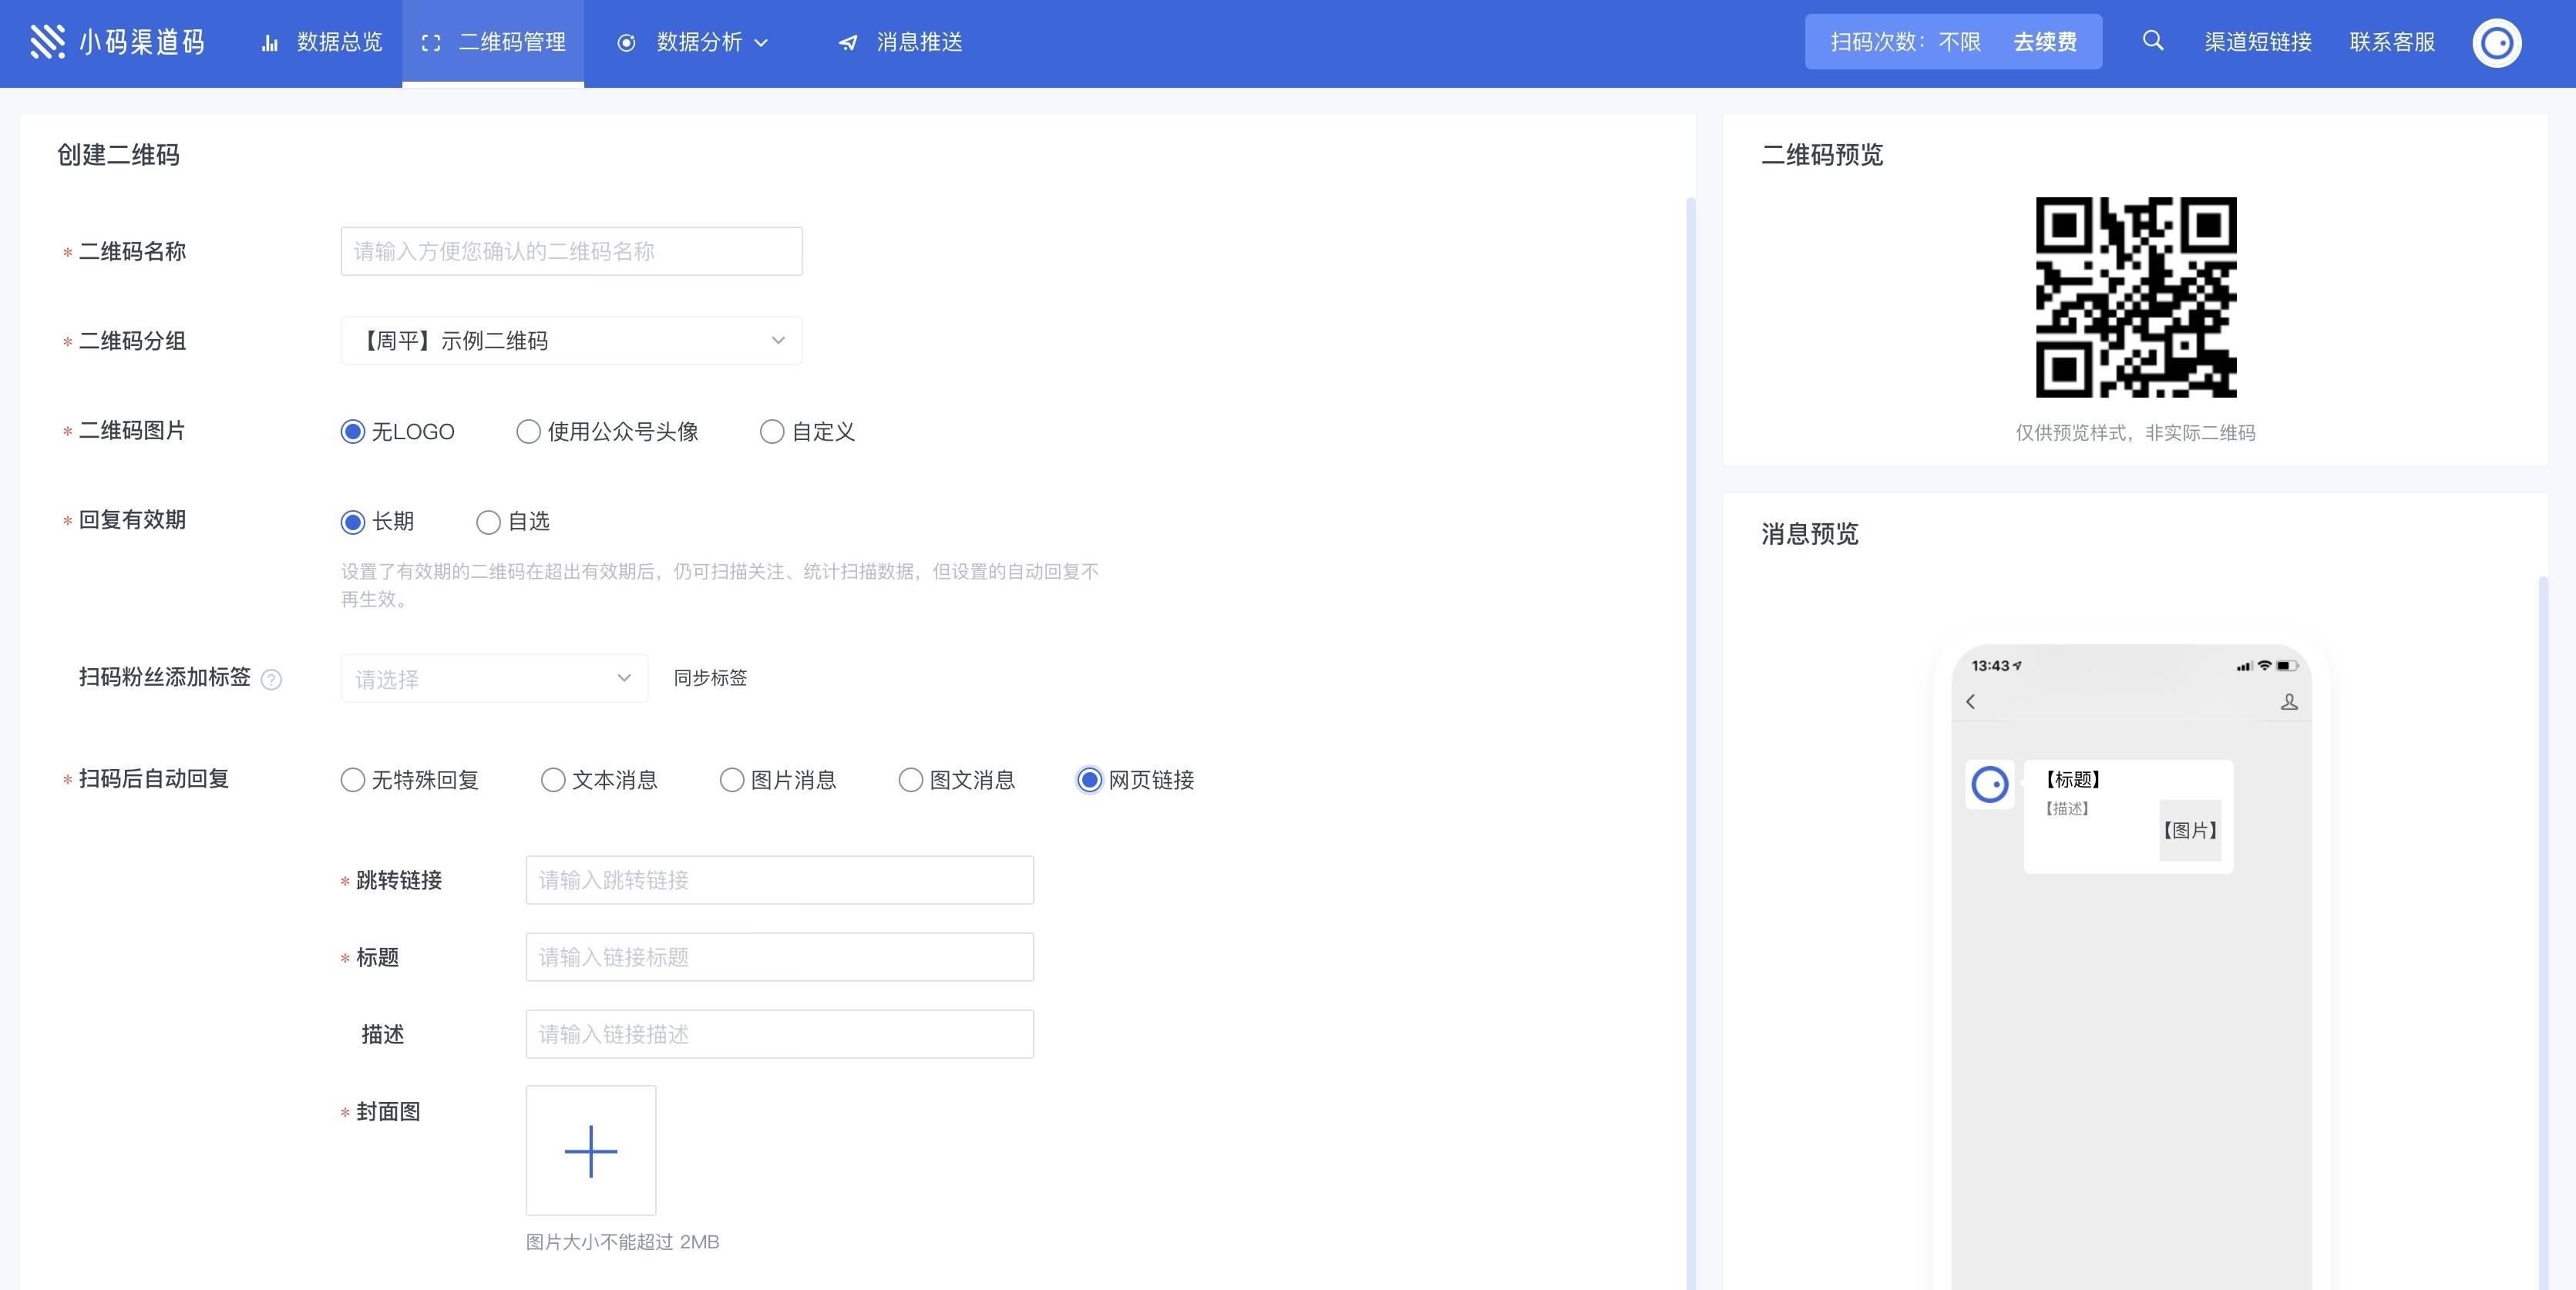 网页链接消息设置